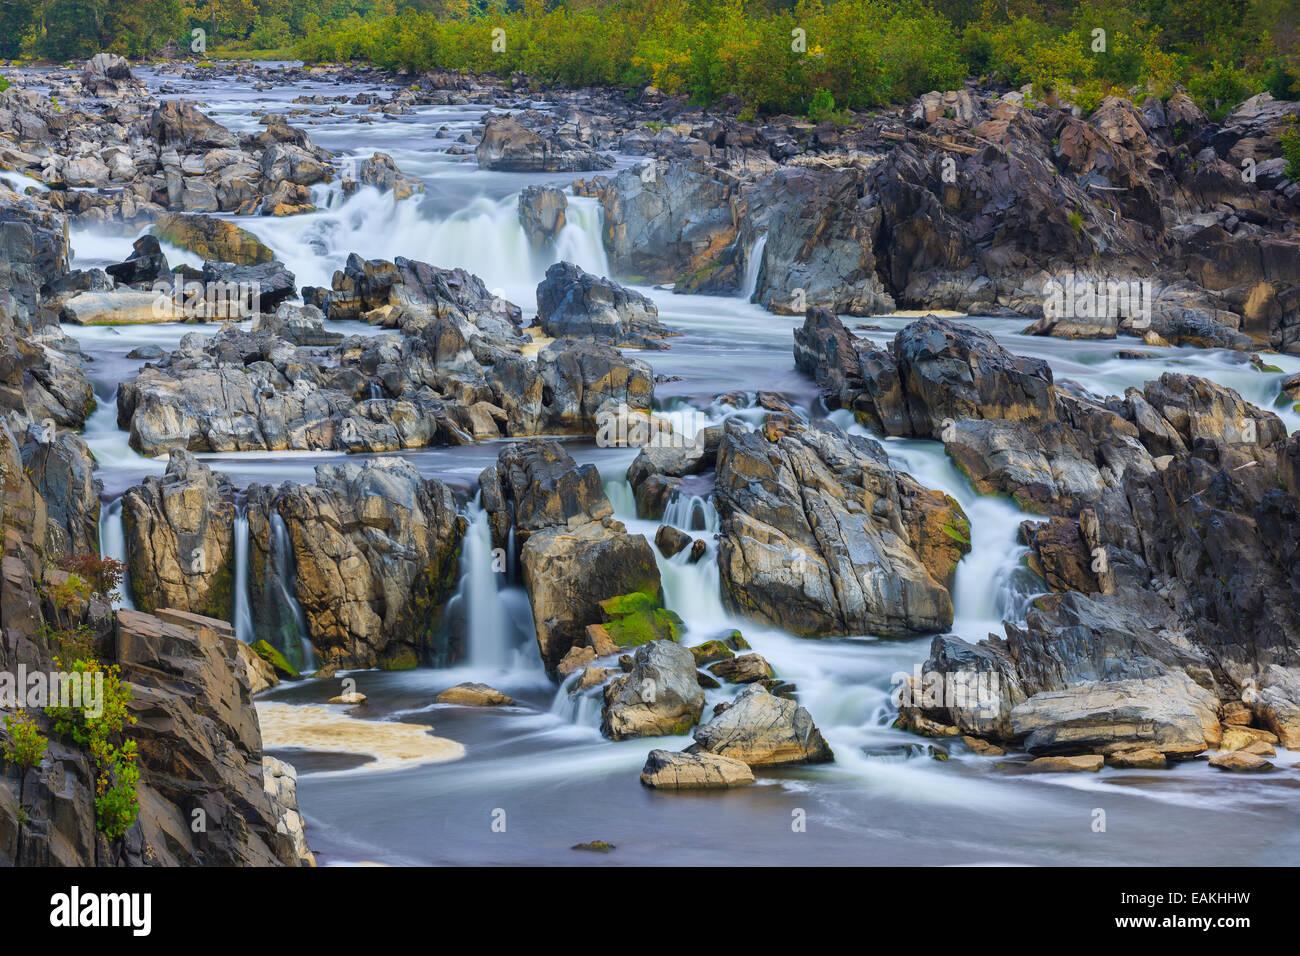 Great Falls Park, Virginia, USA - Stock Image